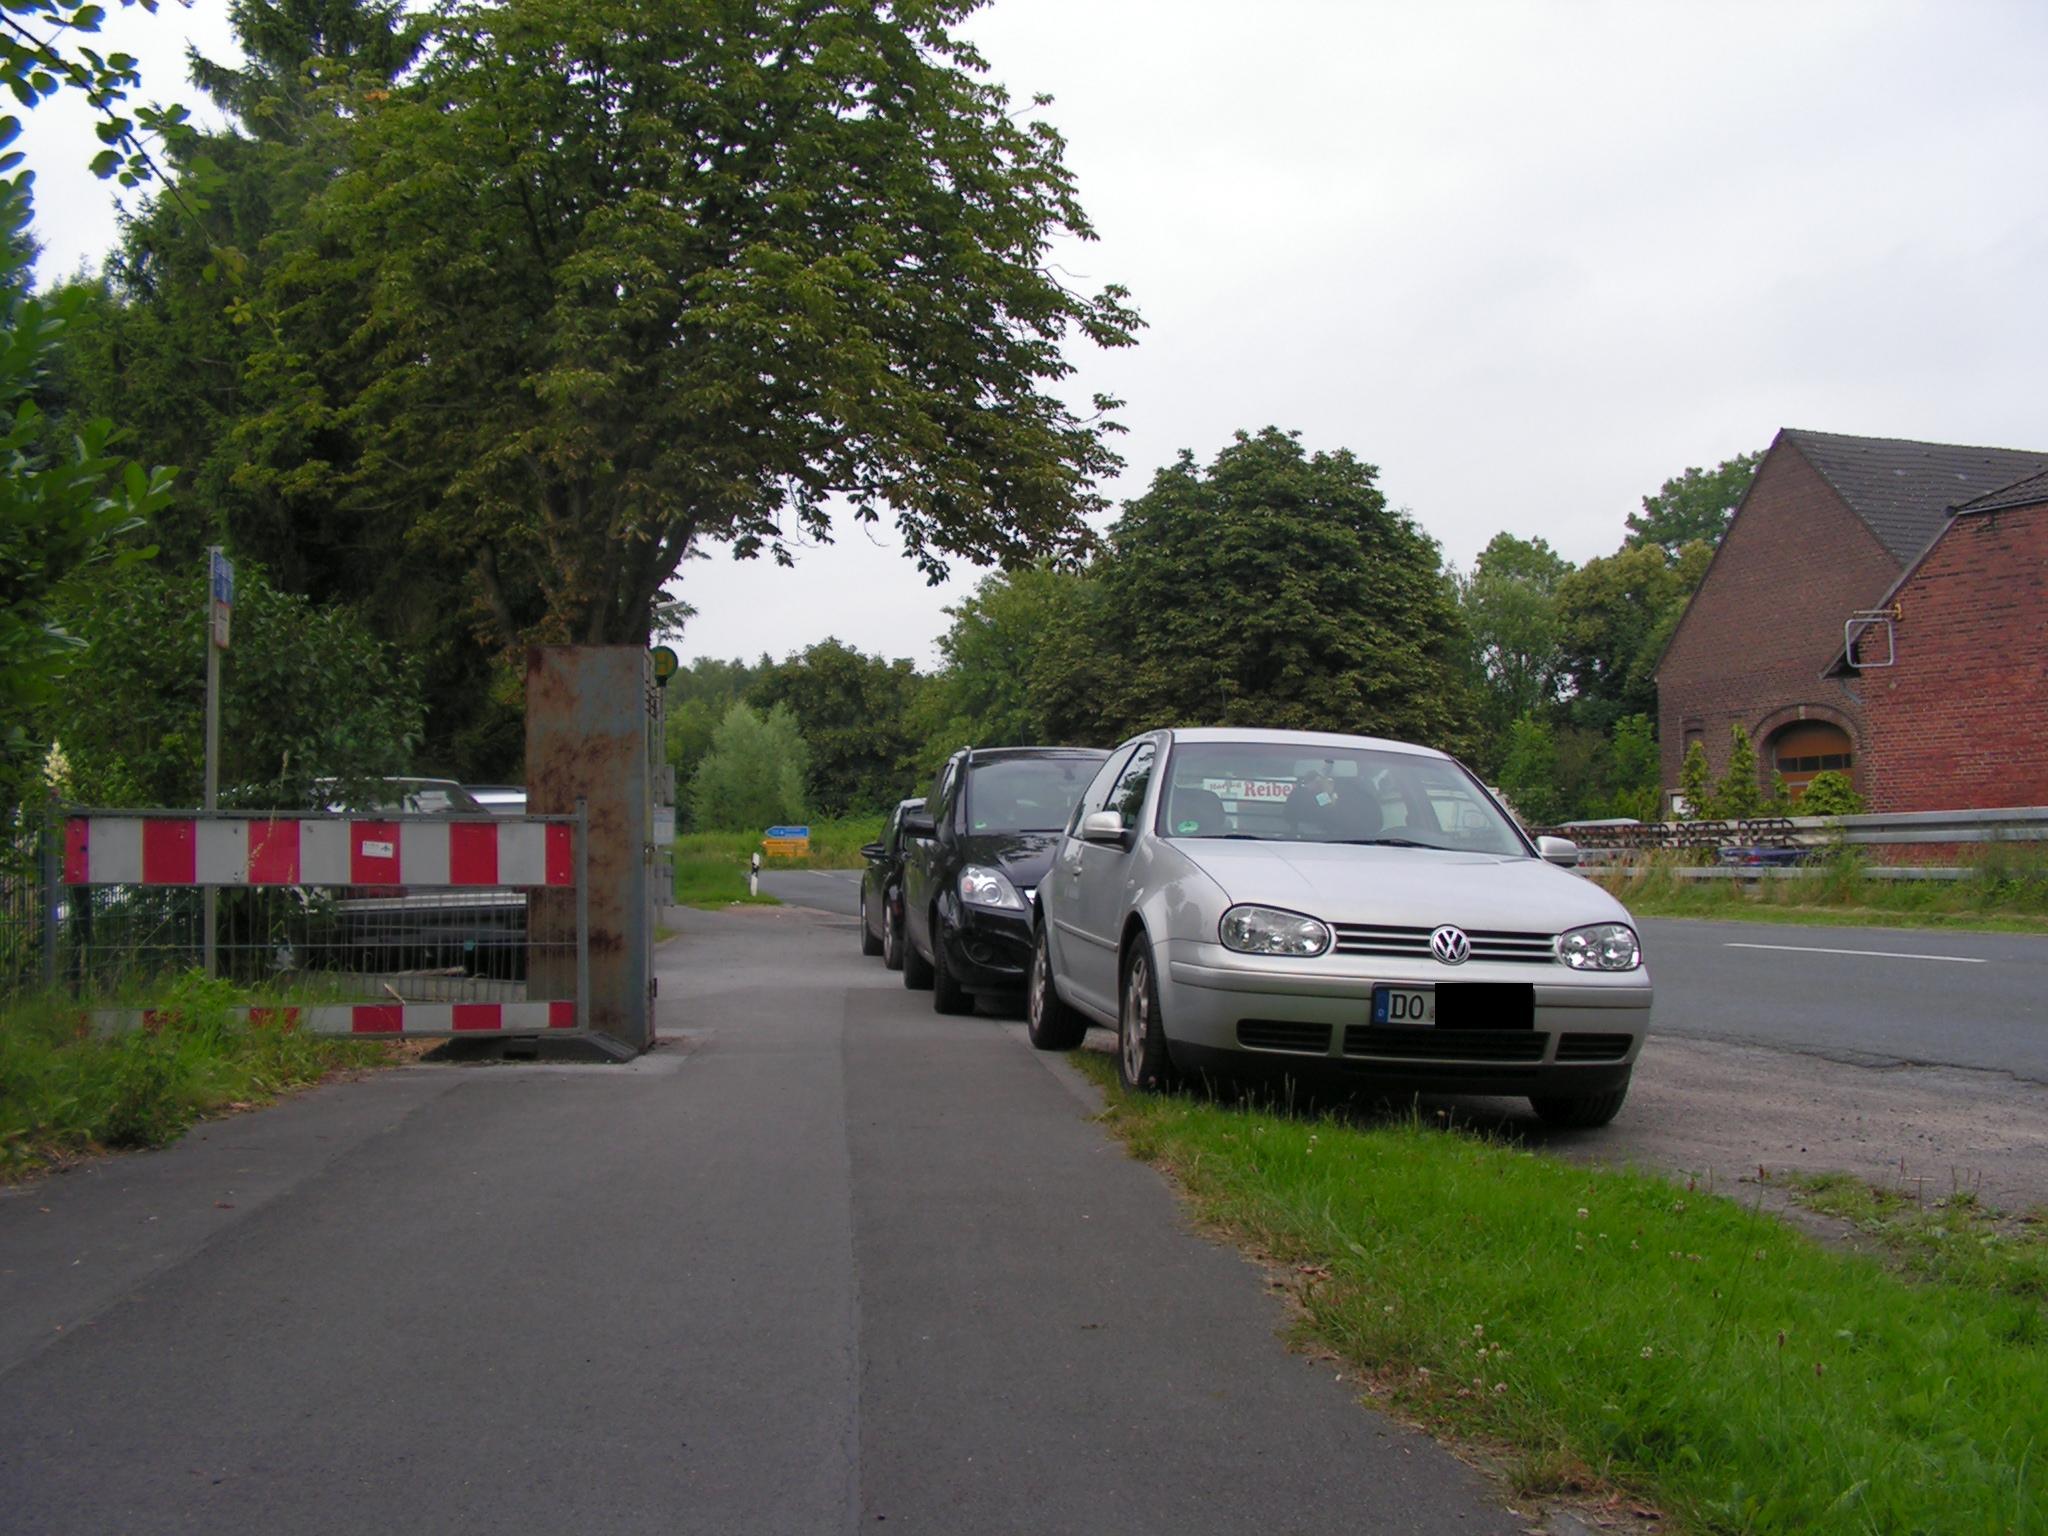 Hindernis ragt über Absperrung hinaus, Zweirichtungsverkehr bei Dunkelheit? Immerhin ist noch Platz zum Parken. In Gegenrichtung gilt natürlich Benutzungspflicht. (Foto: Peter Maier)